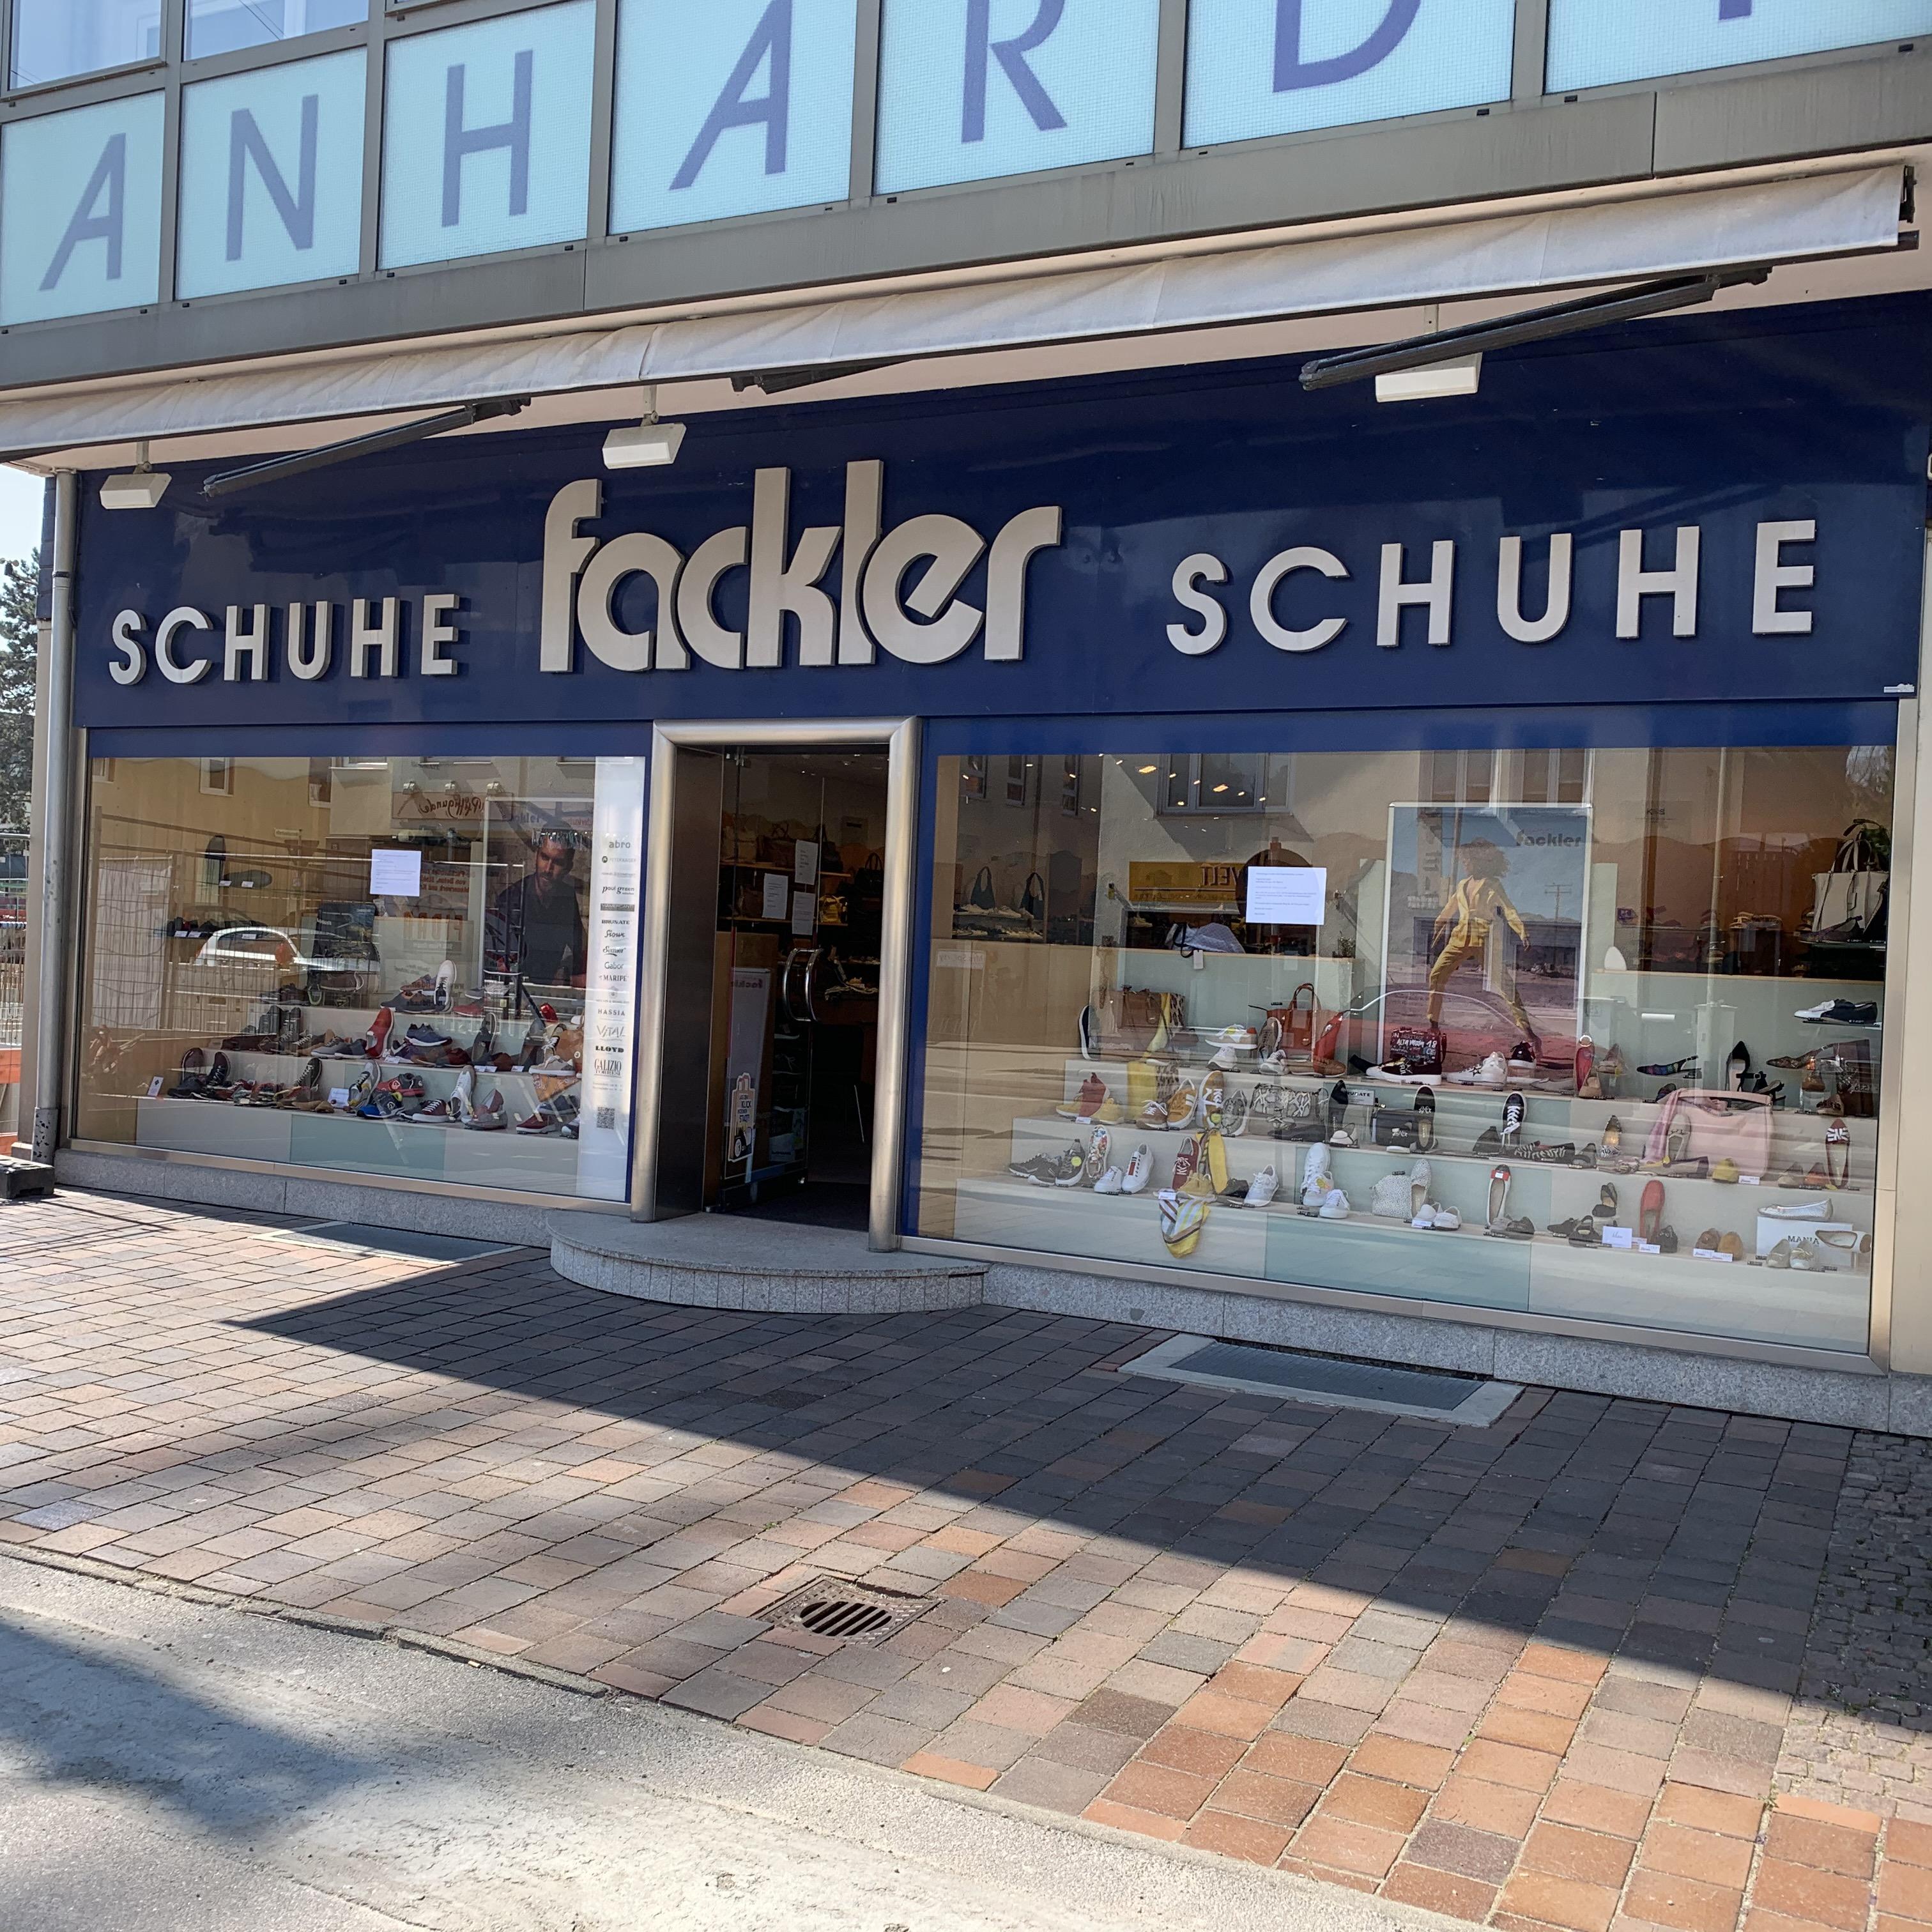 Schuh Fackler